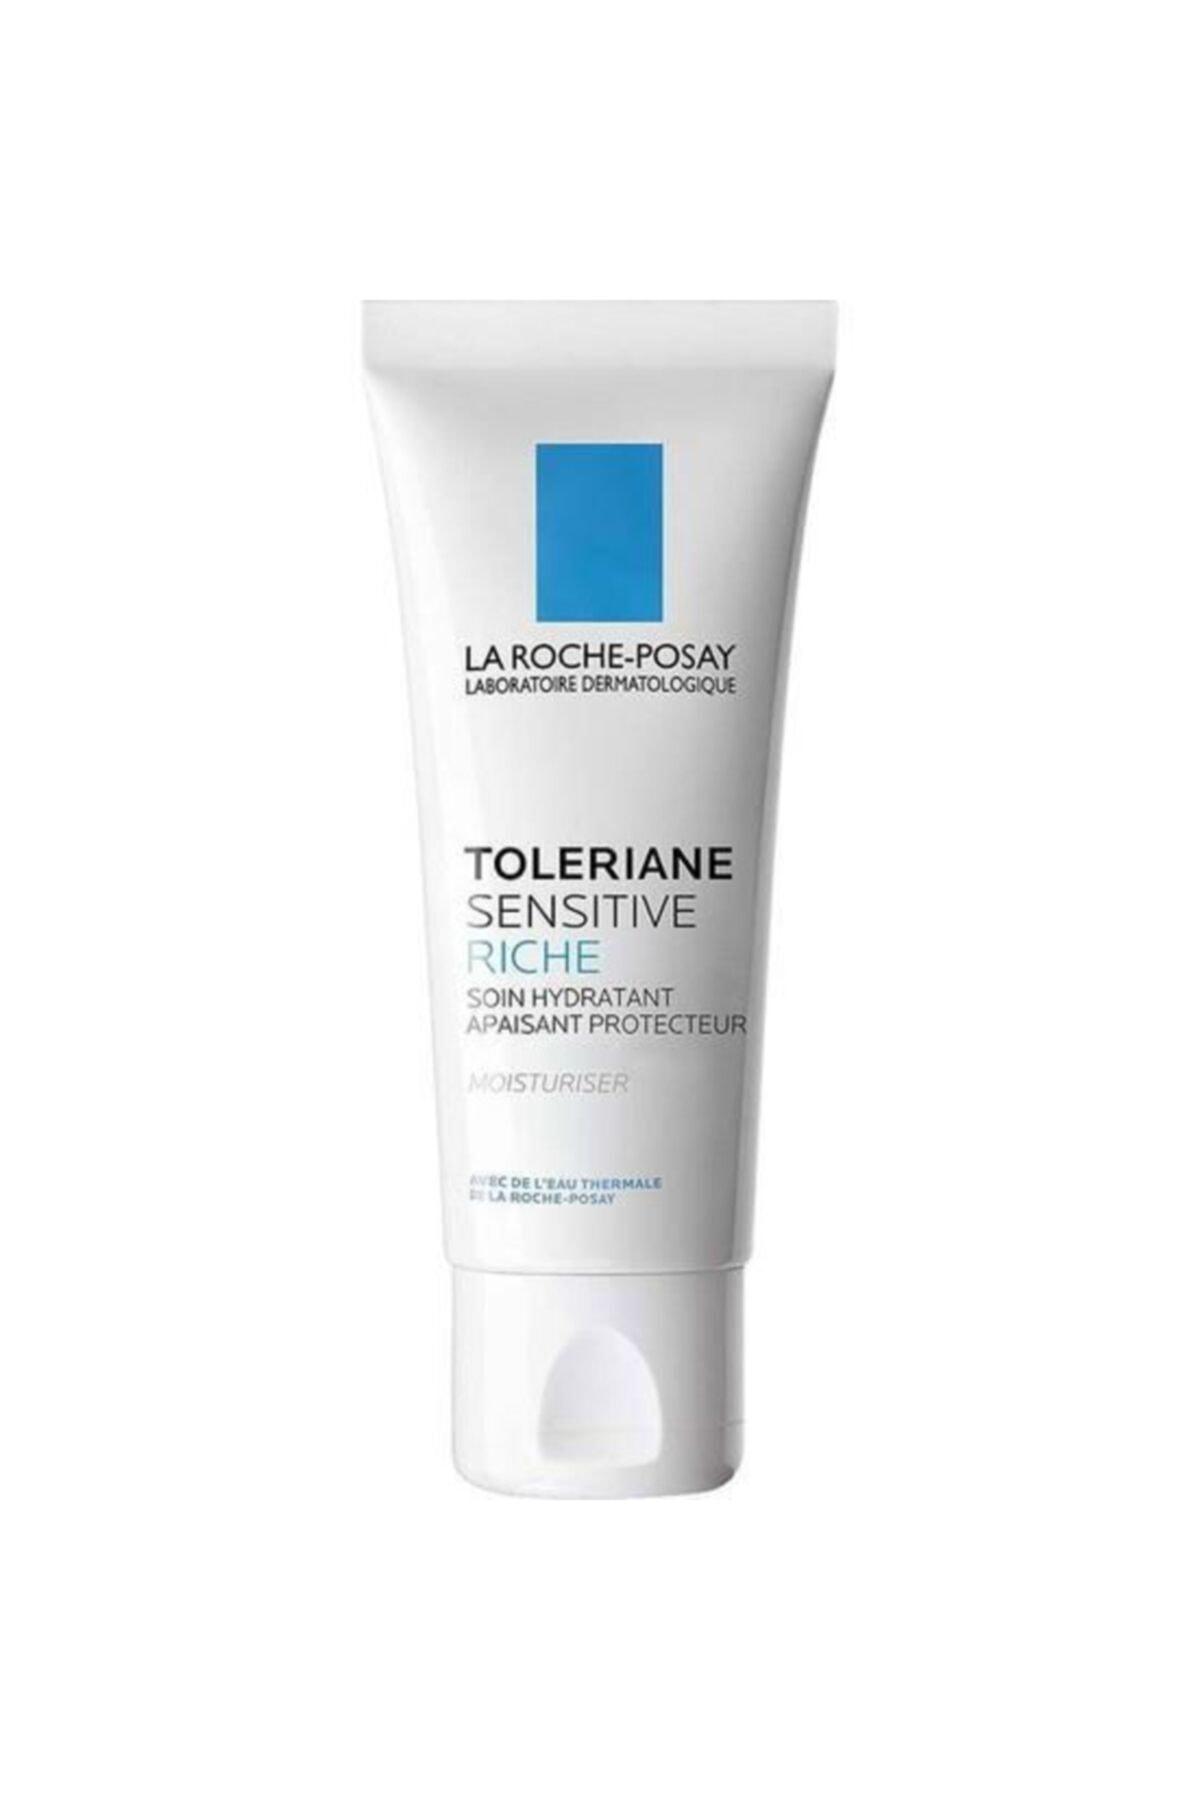 La Roche Posay Posay Toleriane Sensitive Riche 40 Ml 1